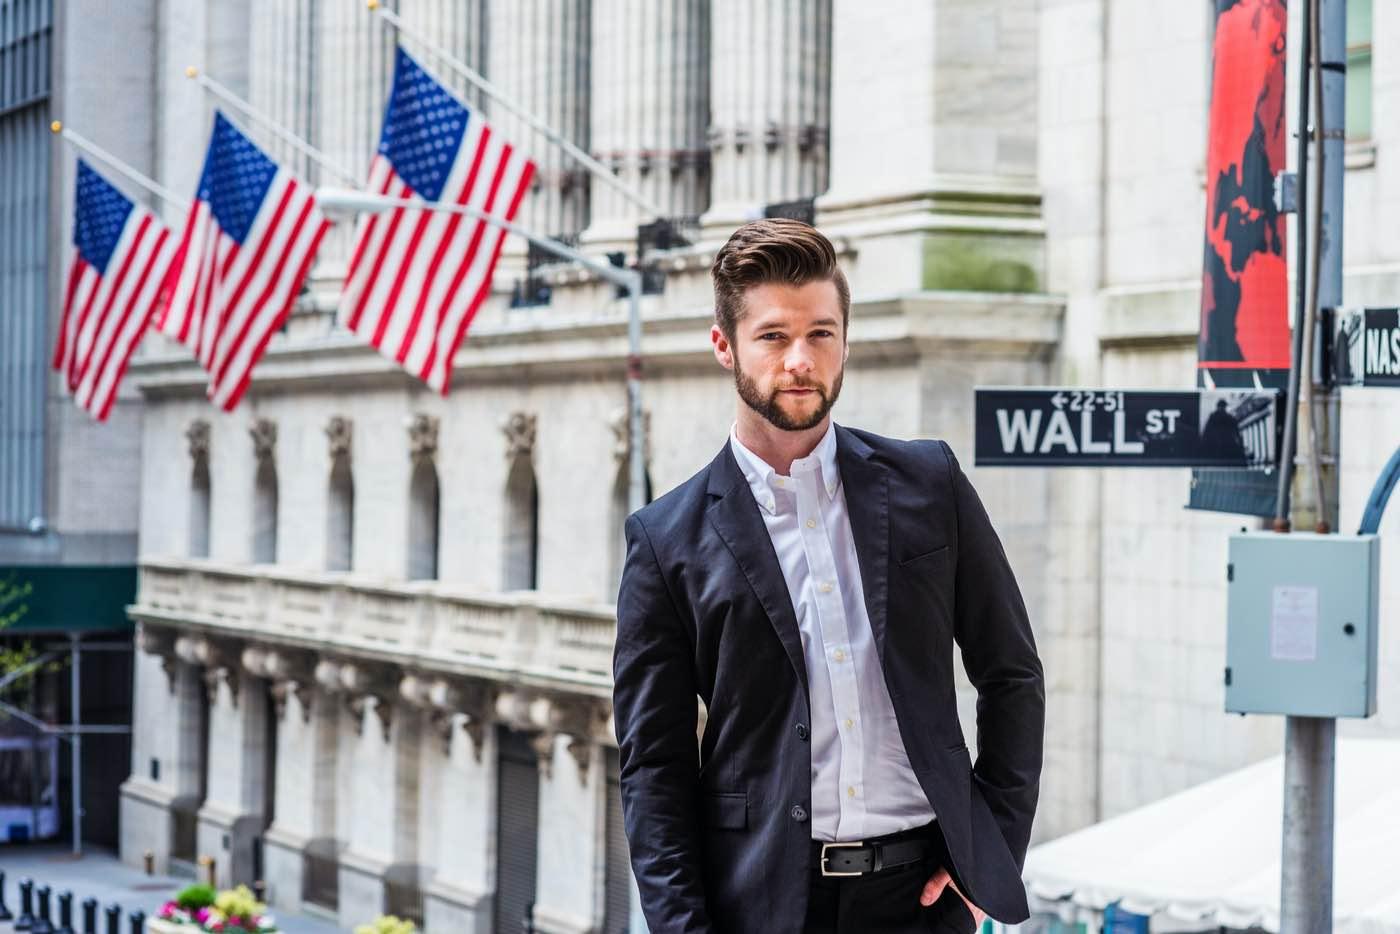 Empresario trabajando en Wall Street, Nueva York